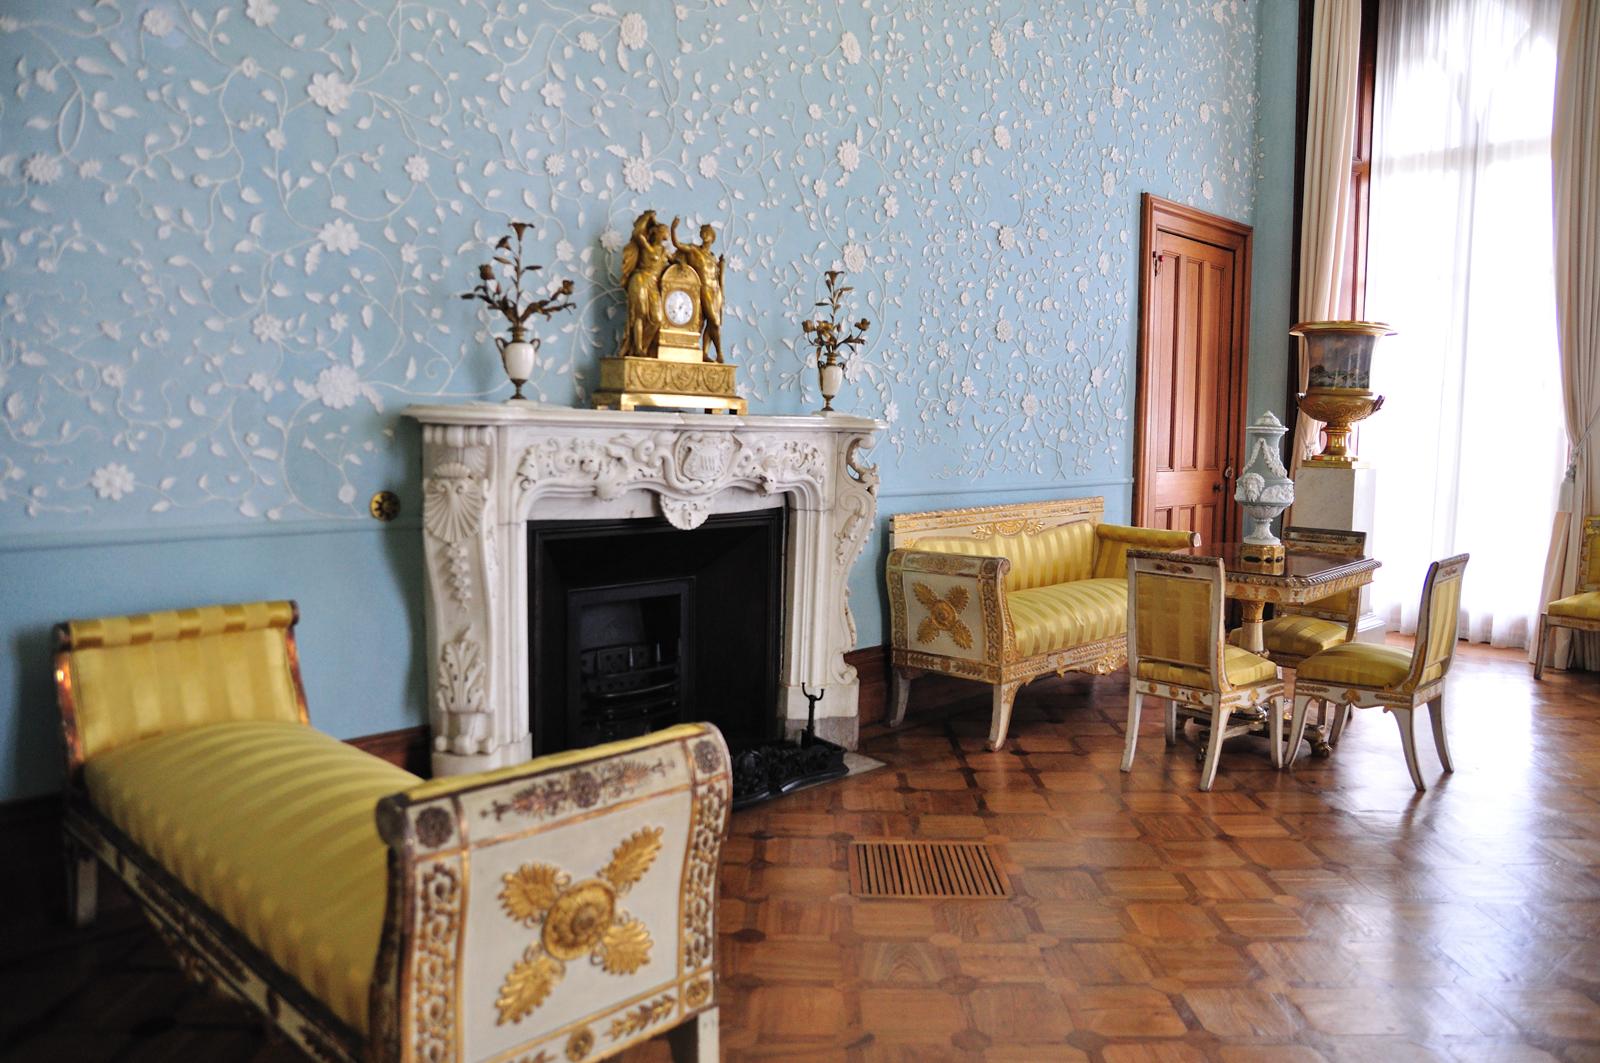 Воронцовский дворец фото внутри 6